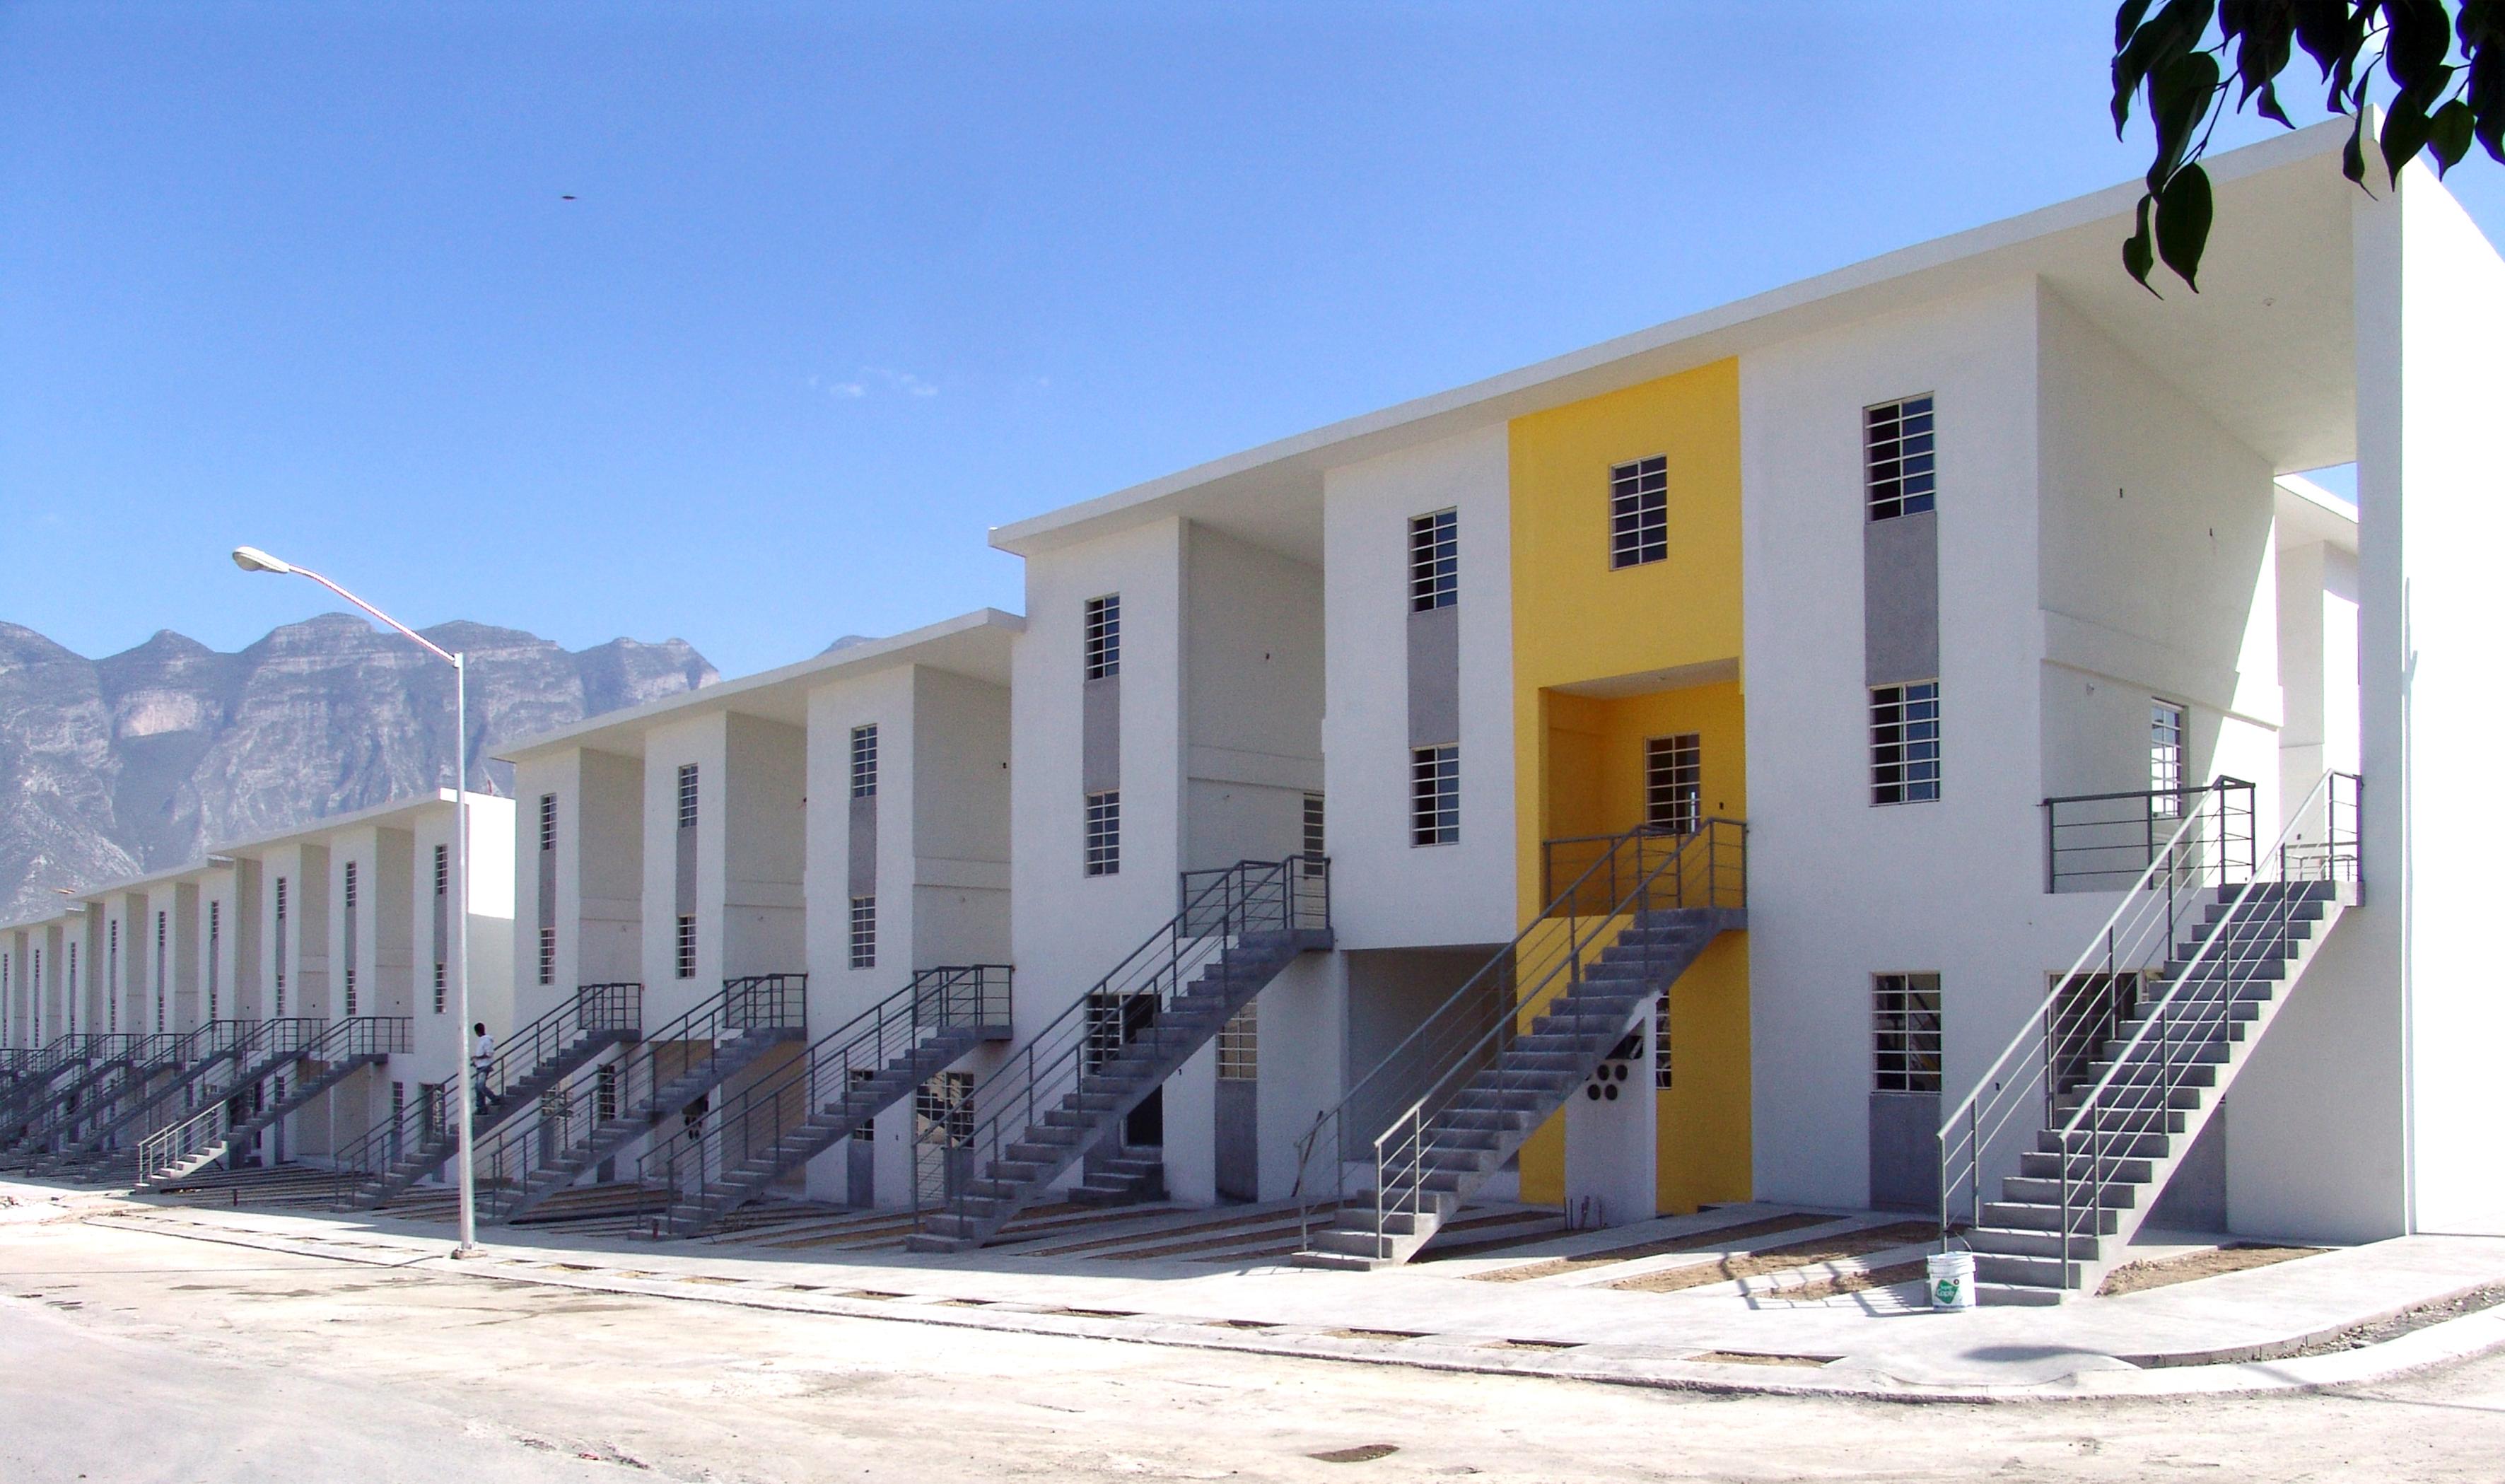 Projeto de habitação social de Monterrey (2010) – Monterrey, México